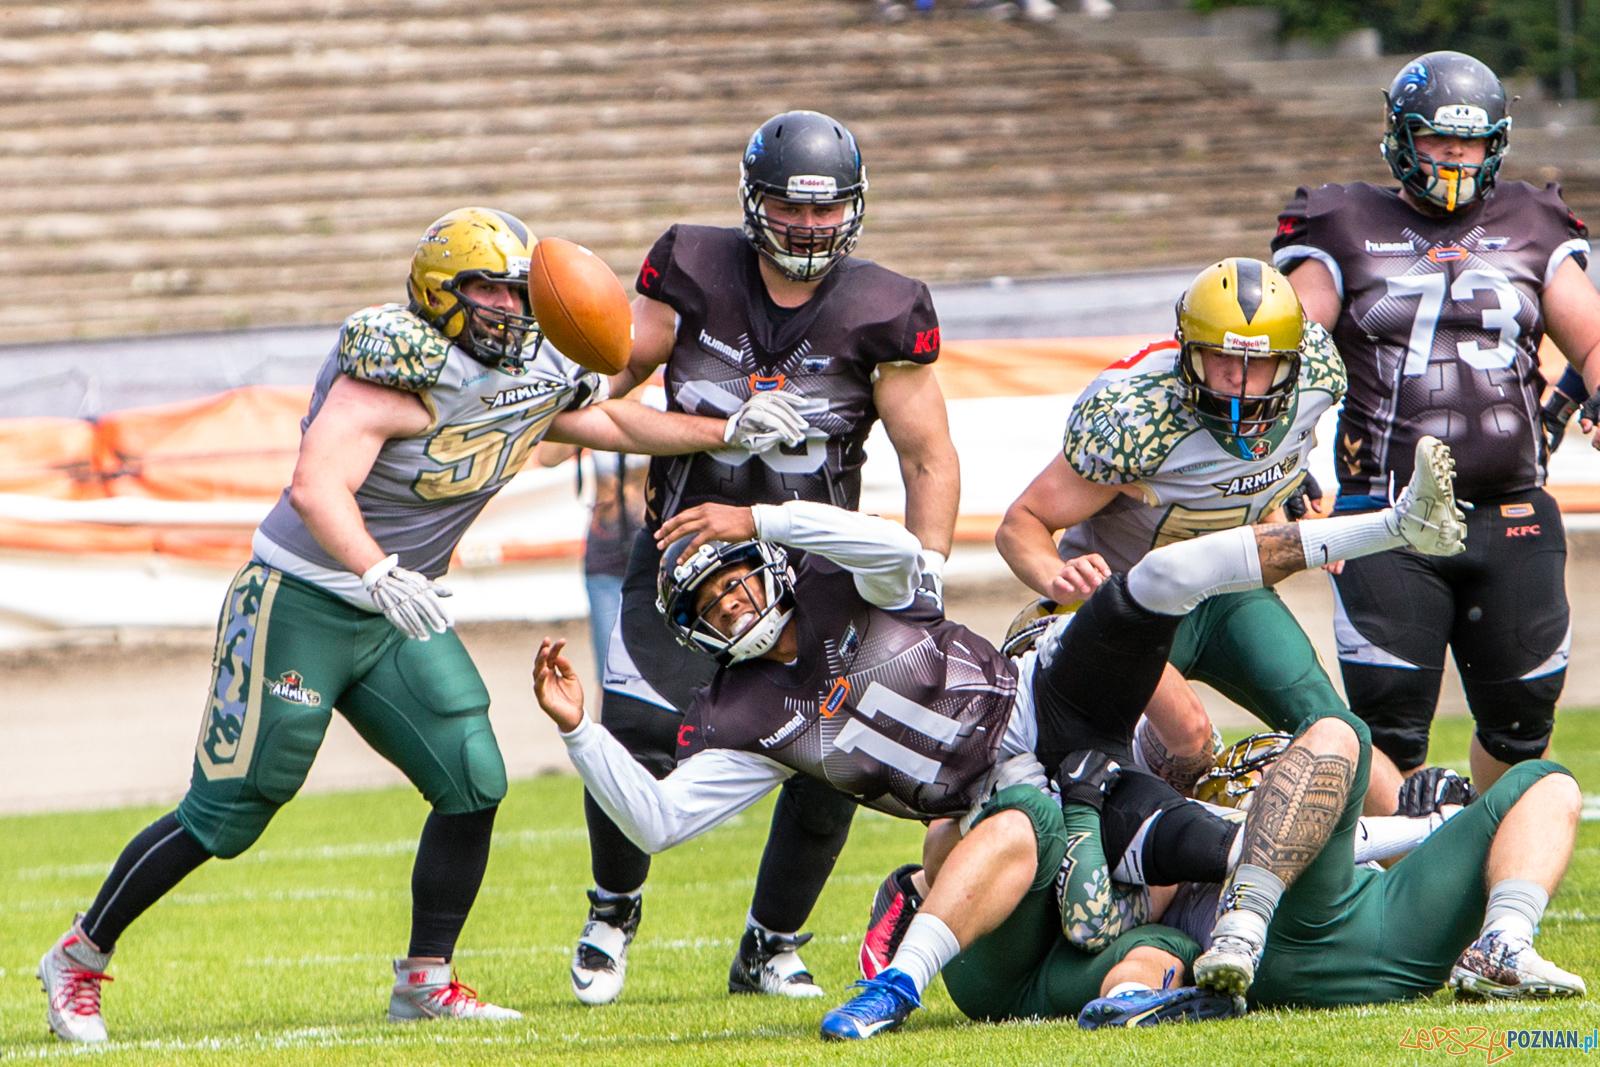 Armia Poznań - Wrocław Panthers 14:42 - Poznań 2.06.2019 r.  Foto: LepszyPOZNAN.pl / Paweł Rychter